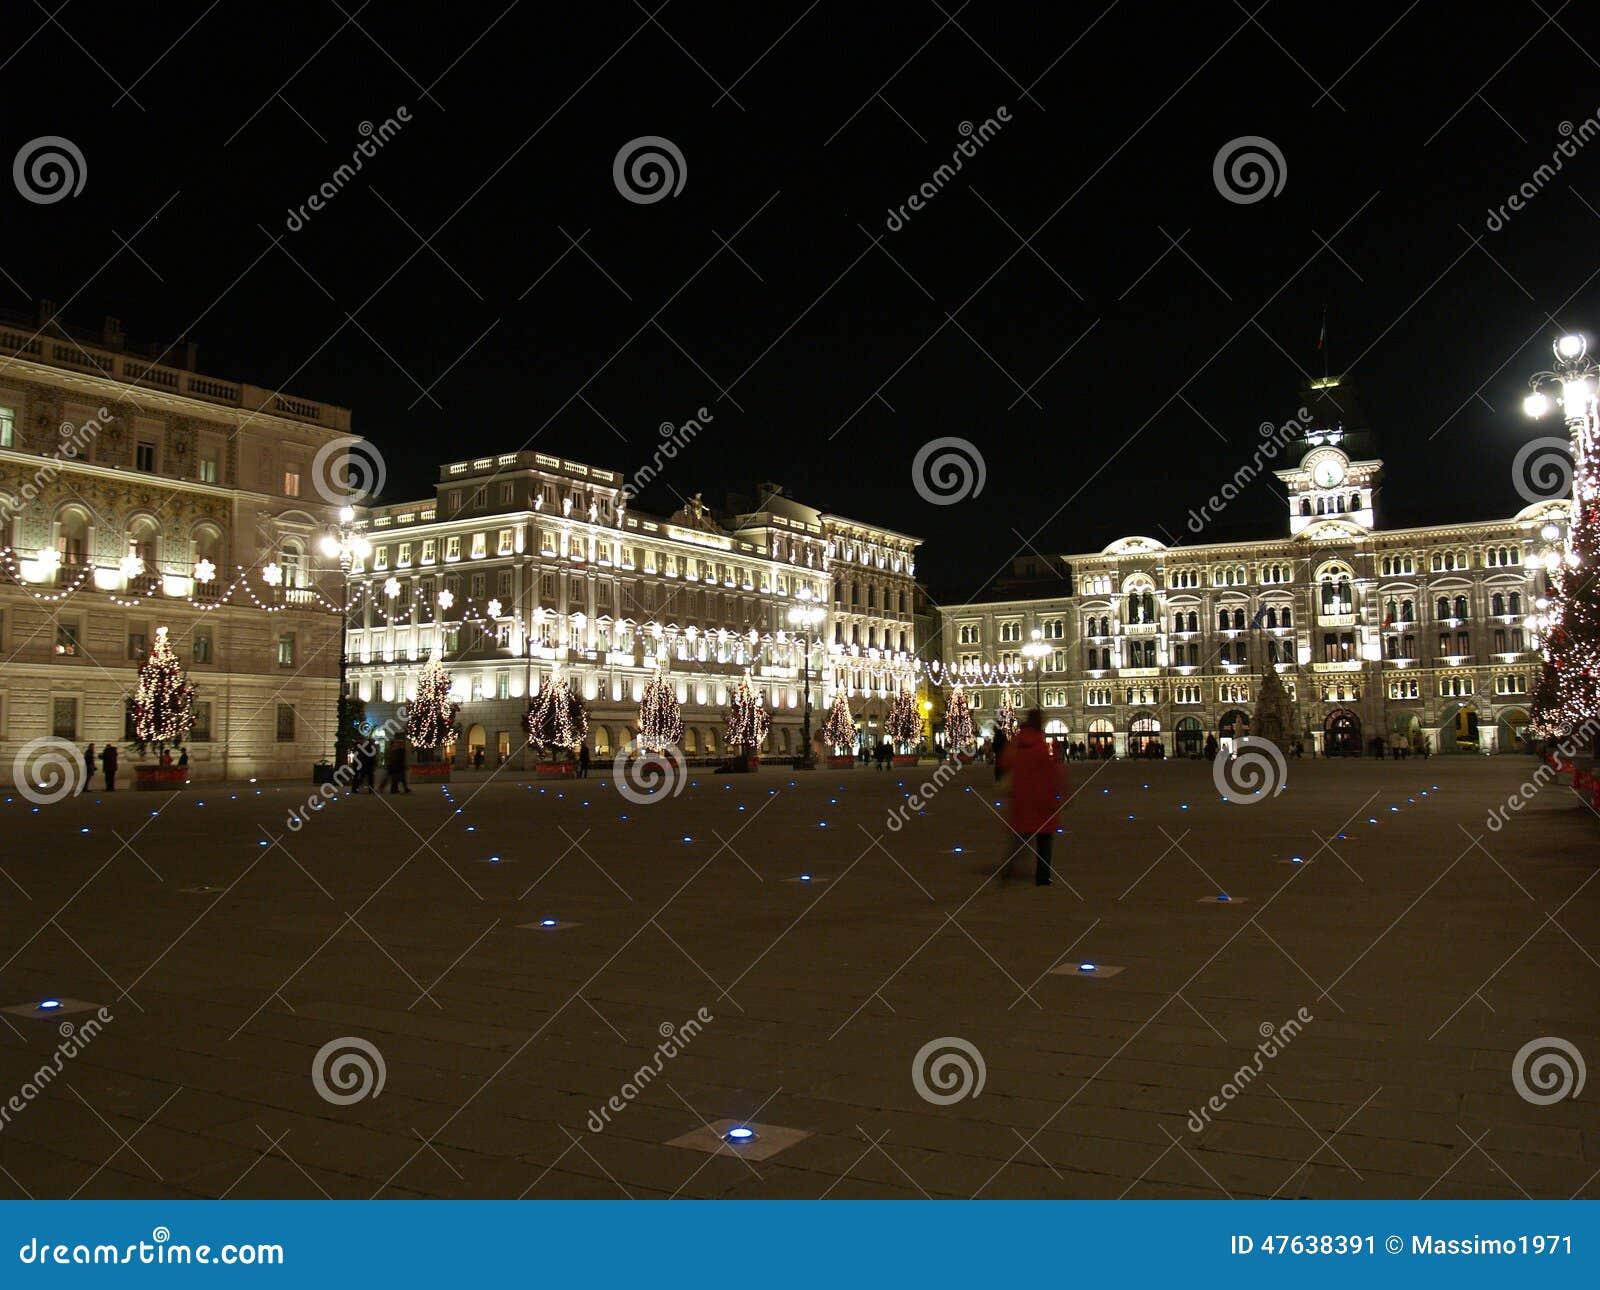 Weihnachten Im Marktplatz Unita Stockbild - Bild von triest ...